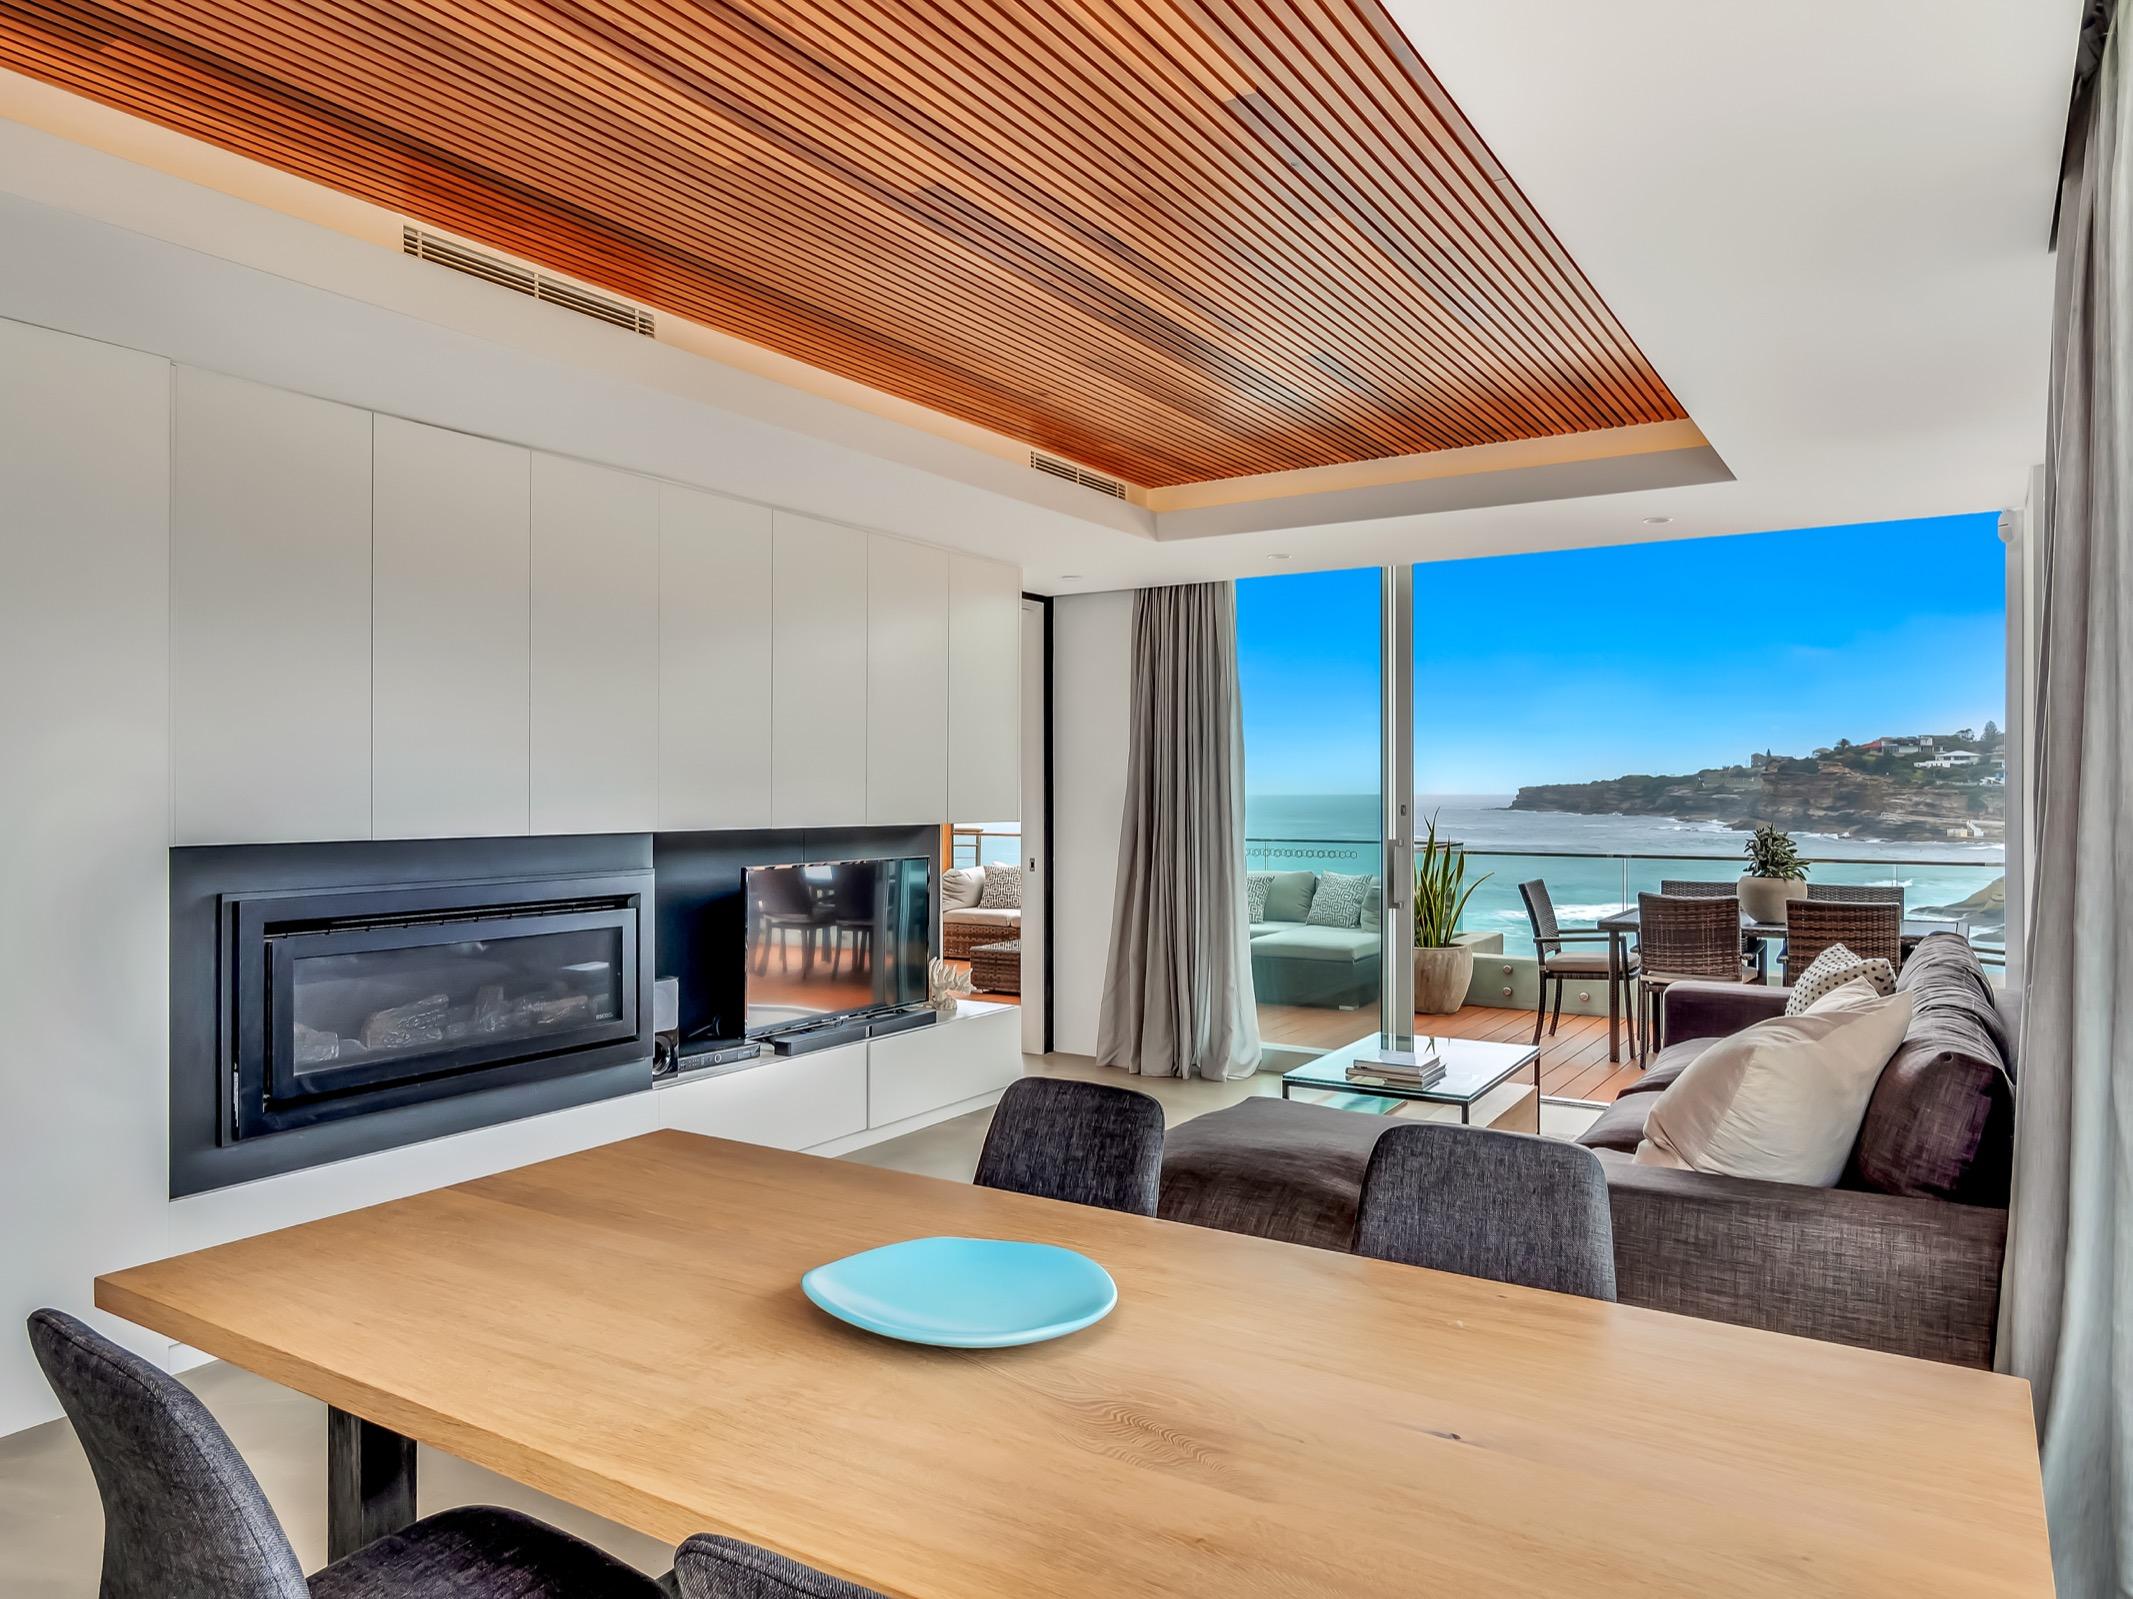 Beachfront Suite Tamarama. Bondi Beach Holiday Homes14.jpg